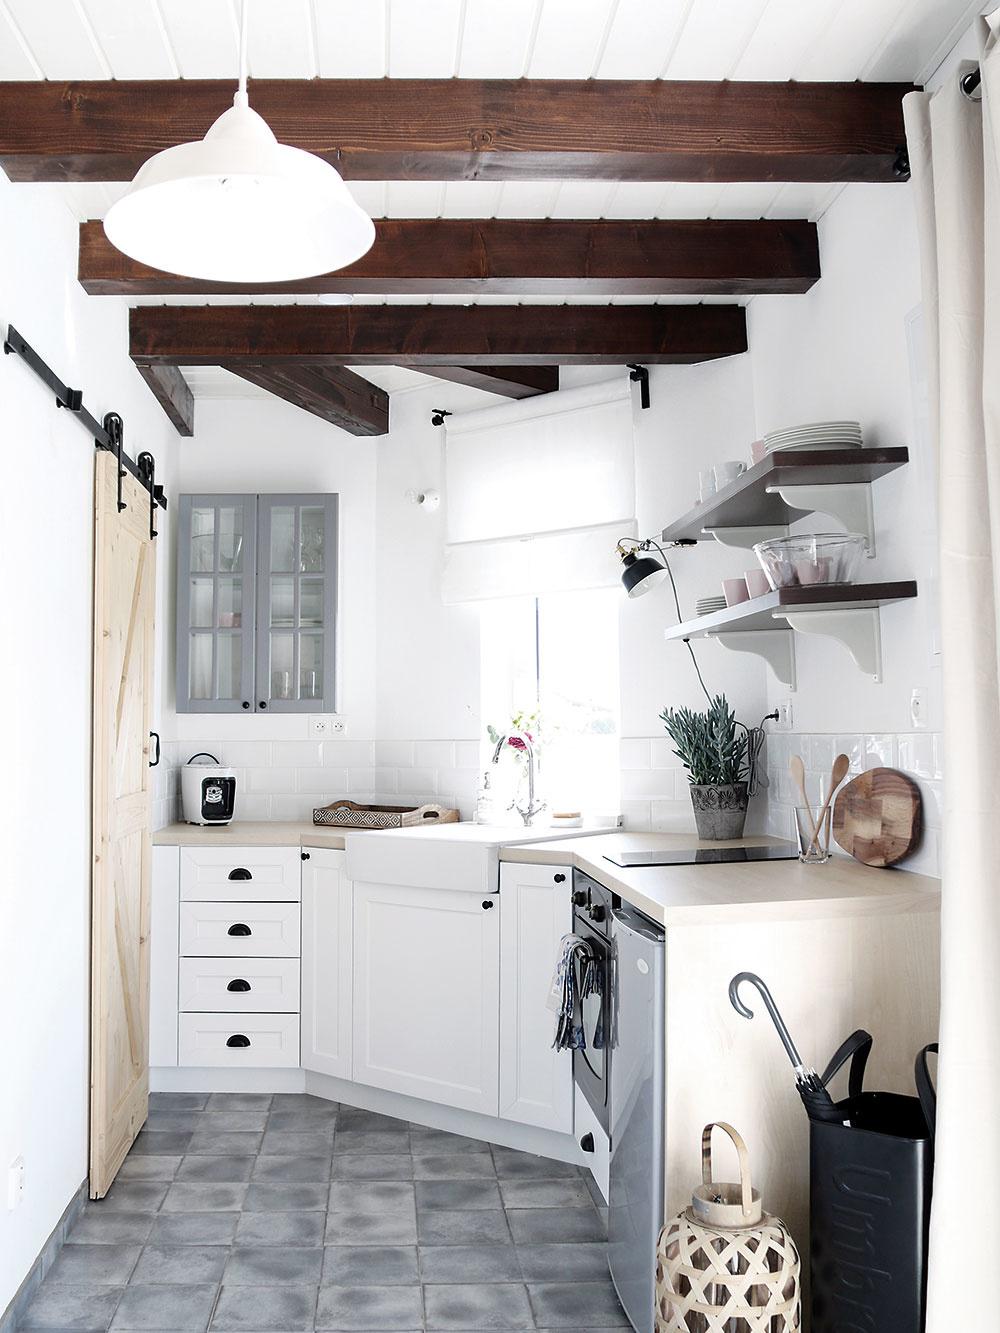 Vkuchyni sa nachádza dlažba imitujúca betón, ktorá opticky oddeľuje priestor kuchyne aobývacej izby azároveň lepšie odolá prípadným pádom kuchynského náčinia.